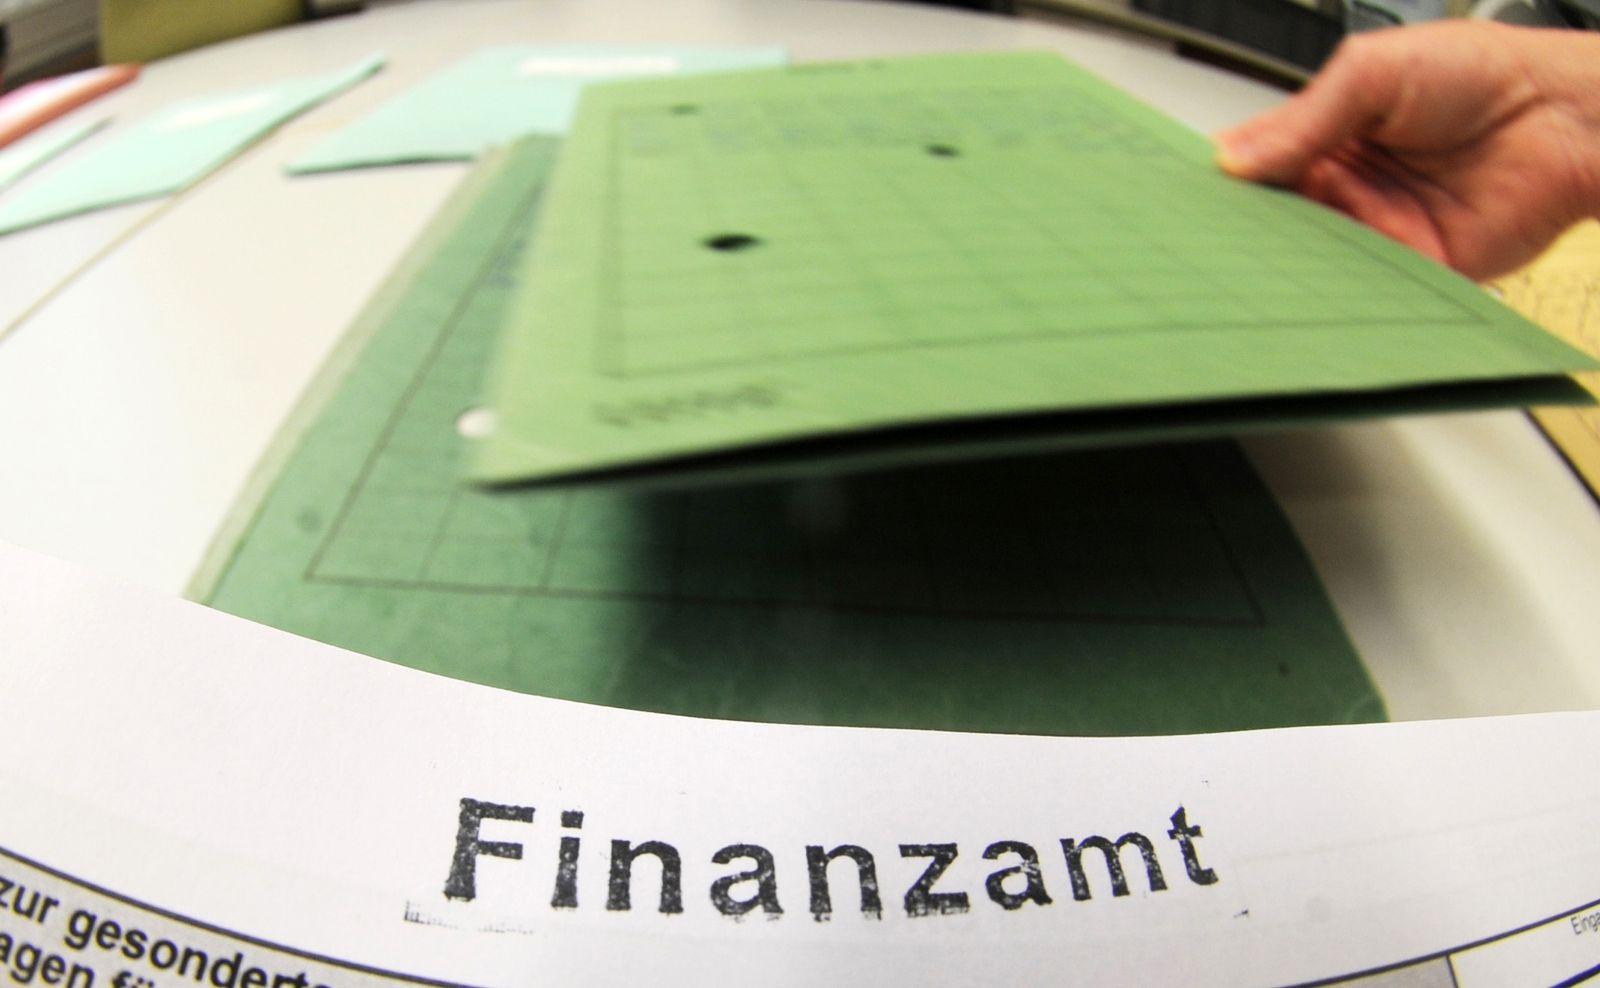 Steuer / Finanzamt